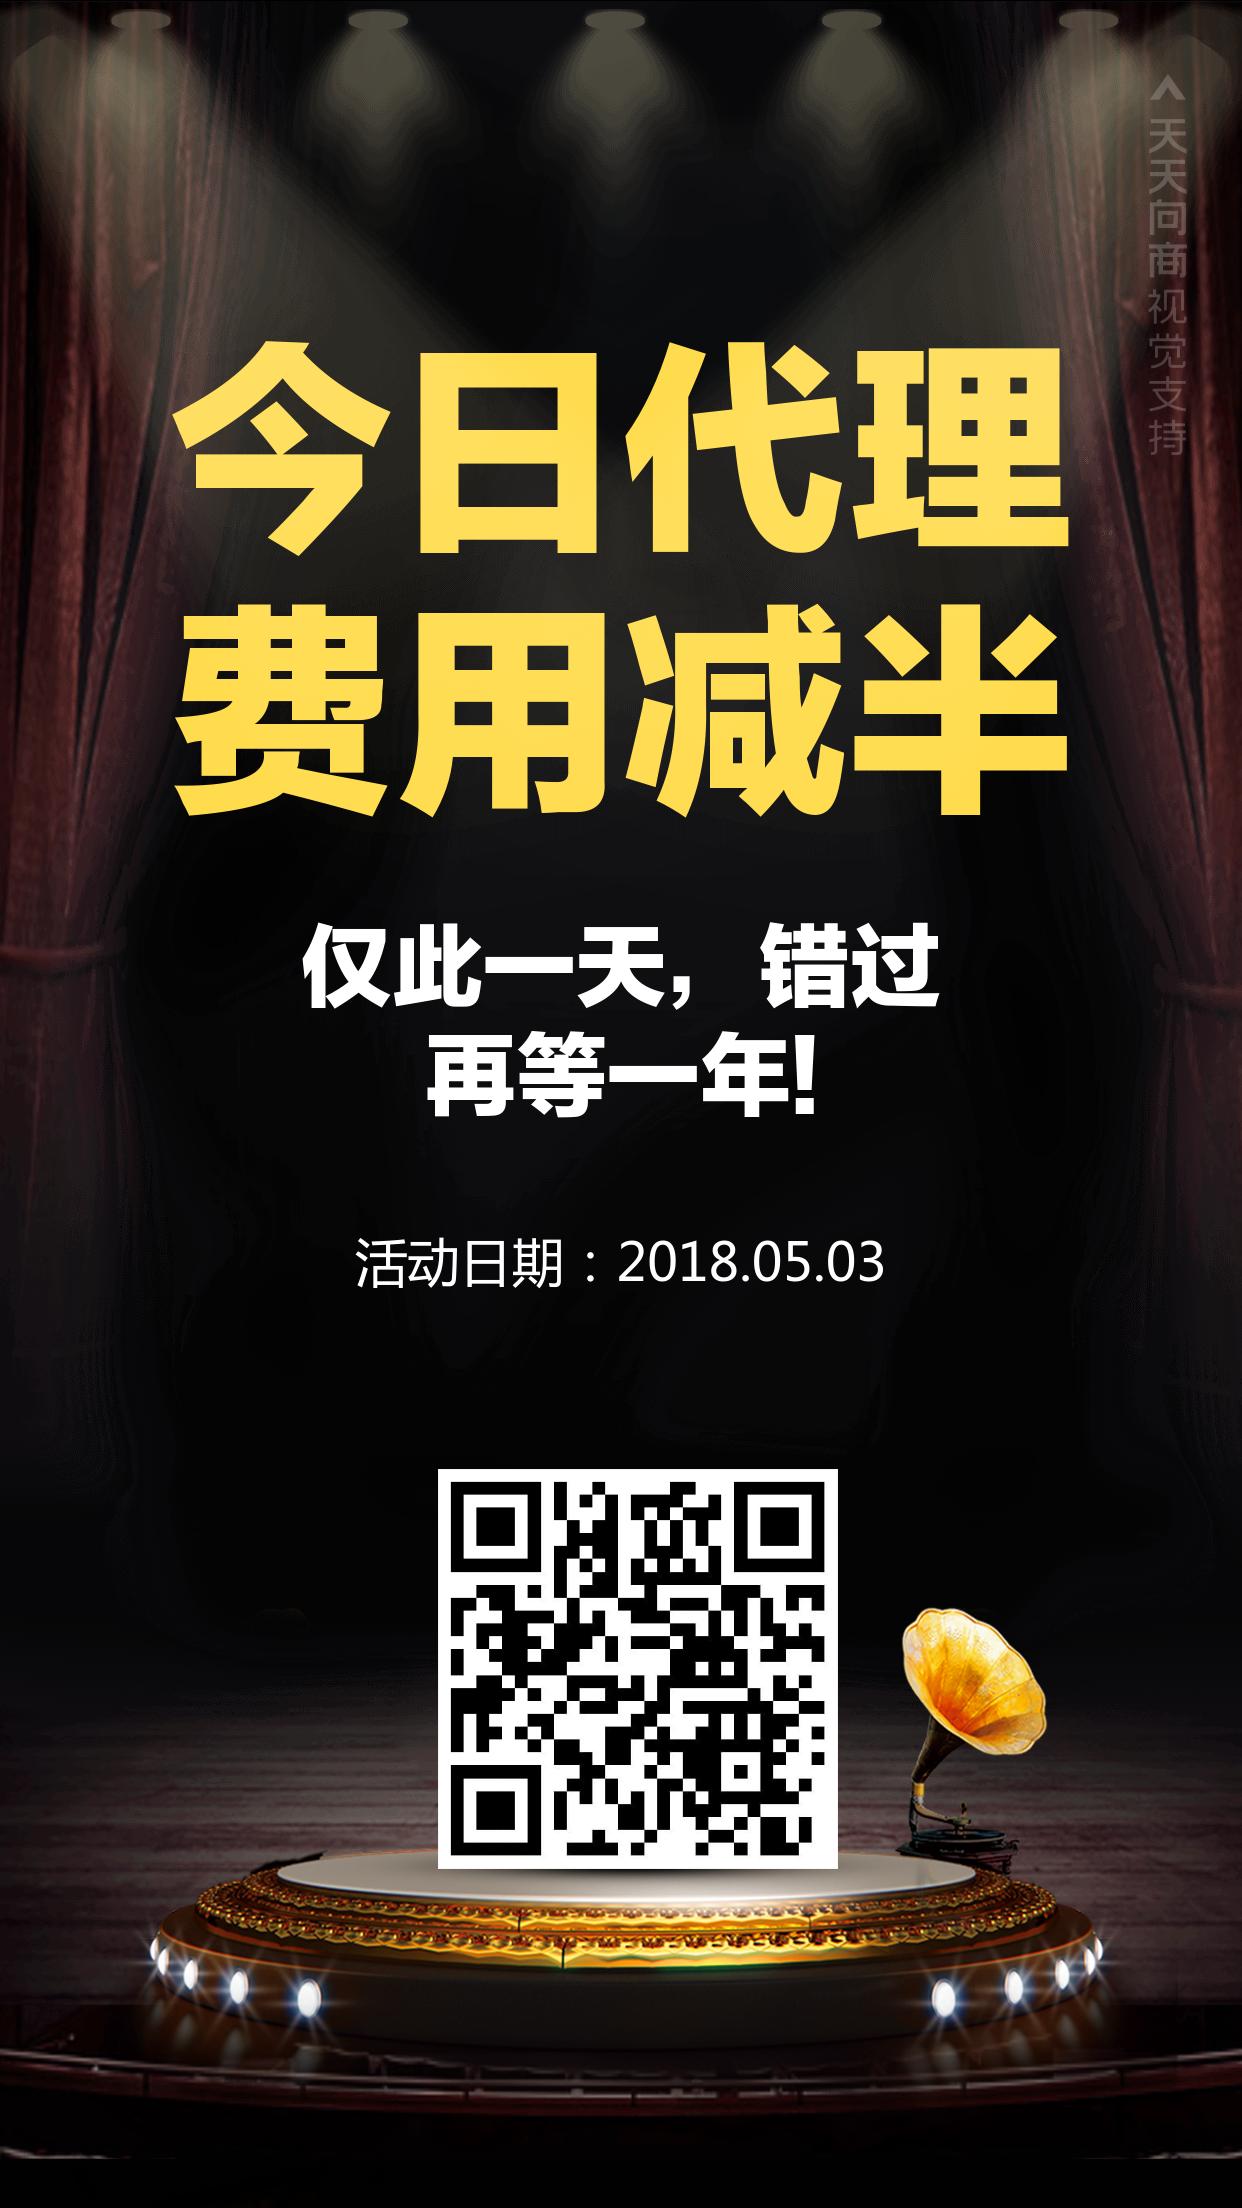 代理招募优惠奢华炫酷手机海报